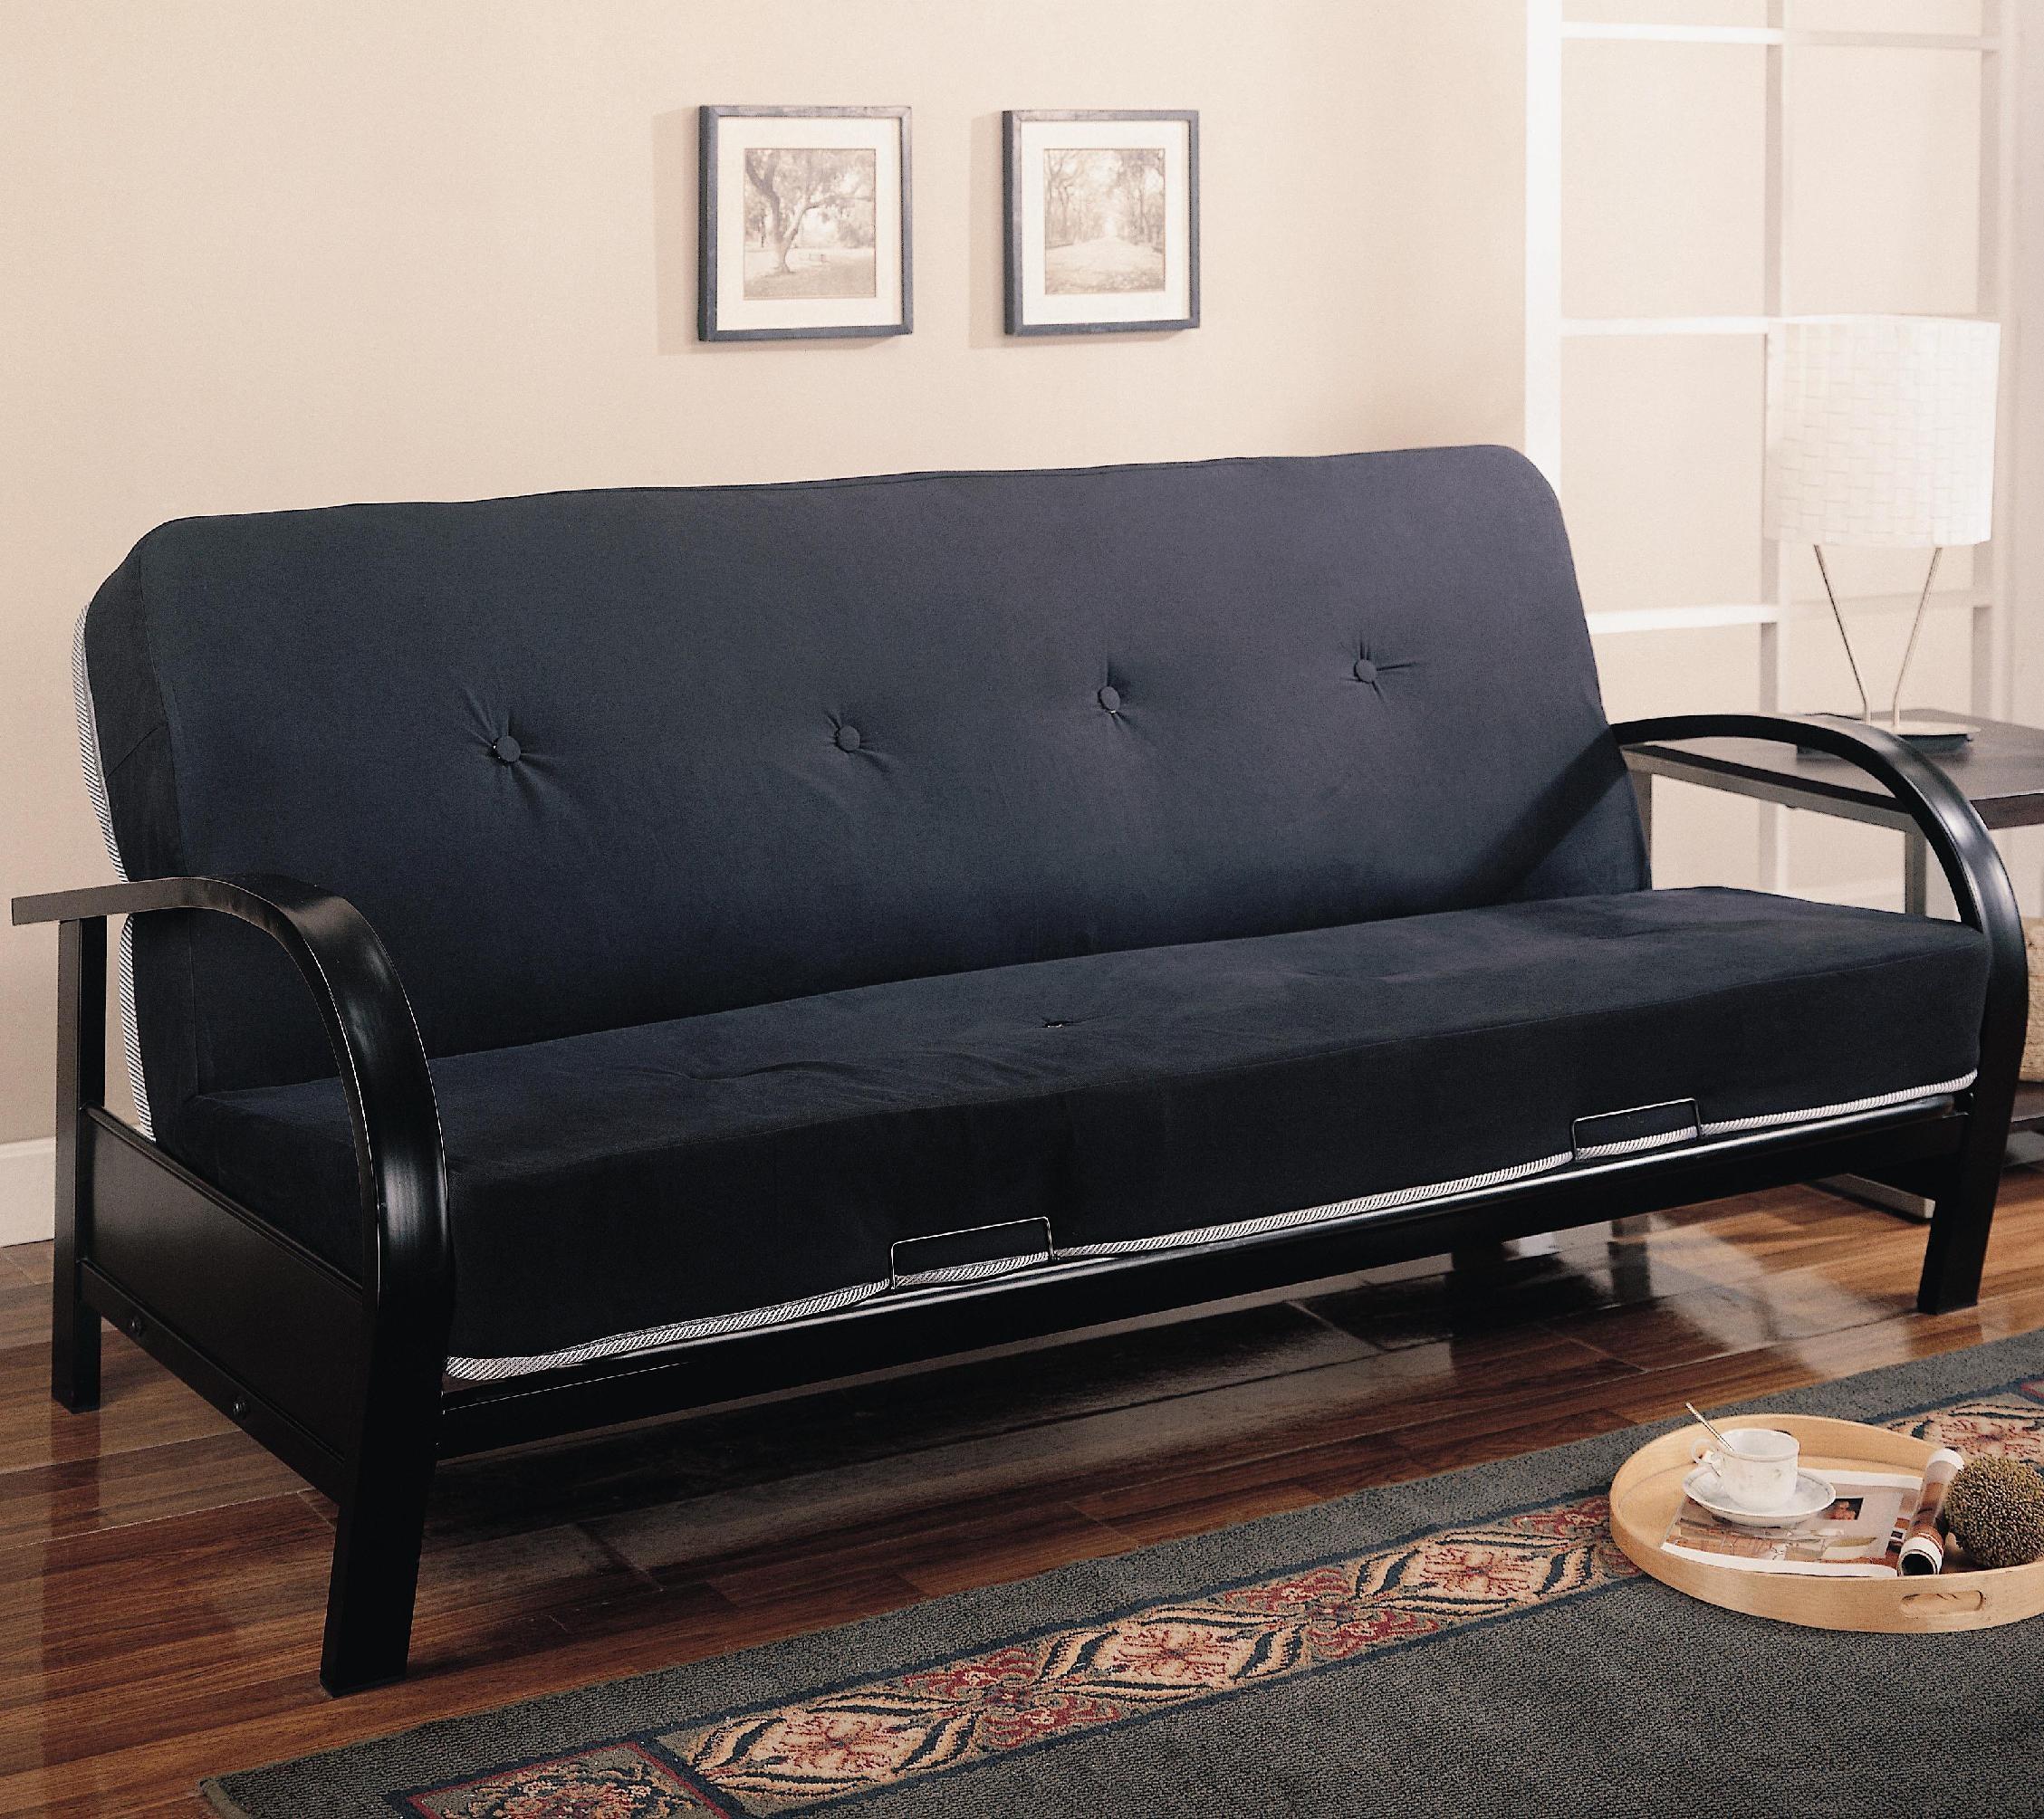 Coaster Living Room Futon Frame Turner Furniture